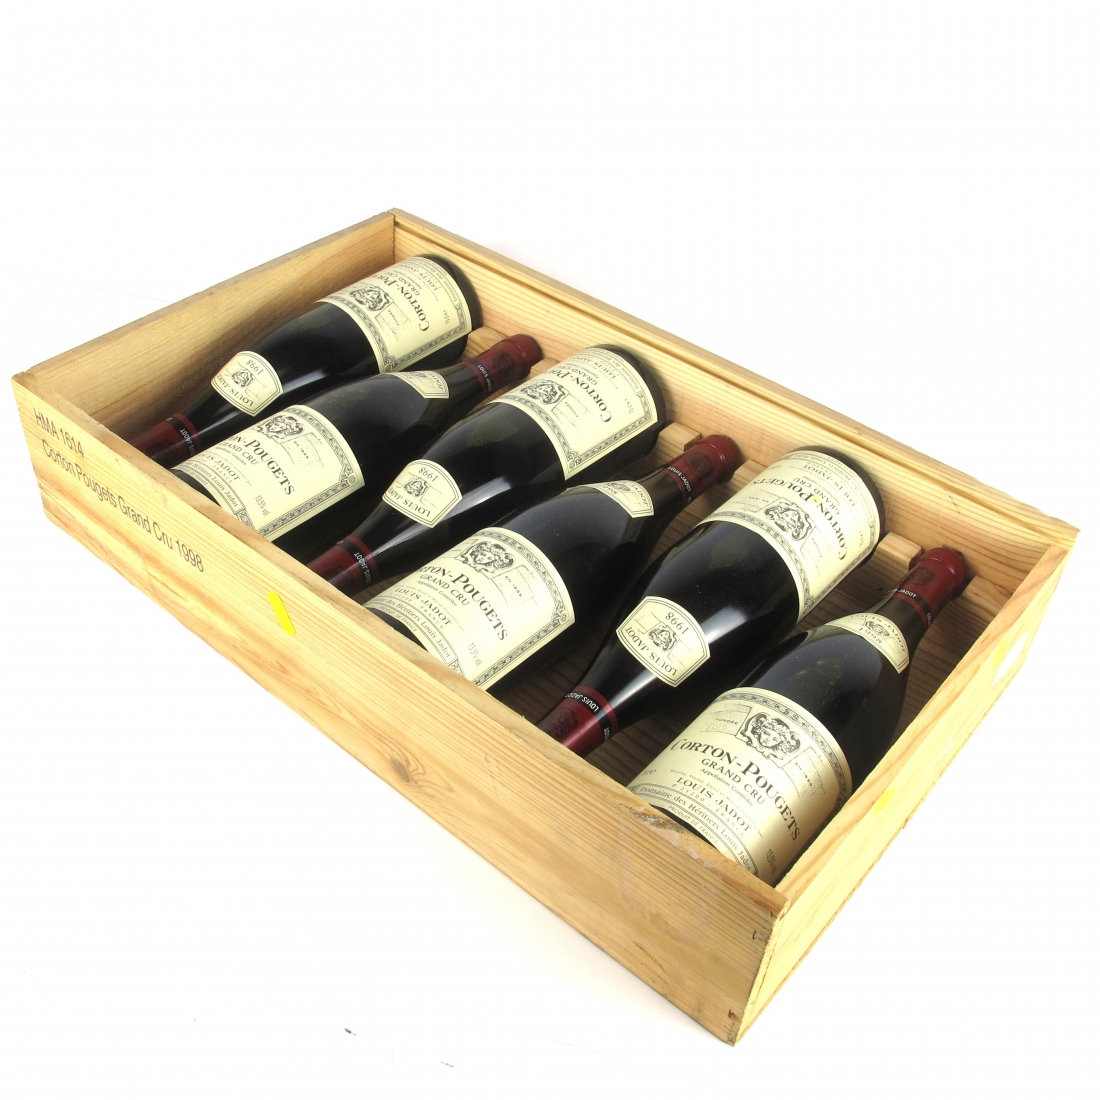 Louis Jadot 1998 Corton-Pougets Grand-Cru 6x75cl / Original Wooden Case